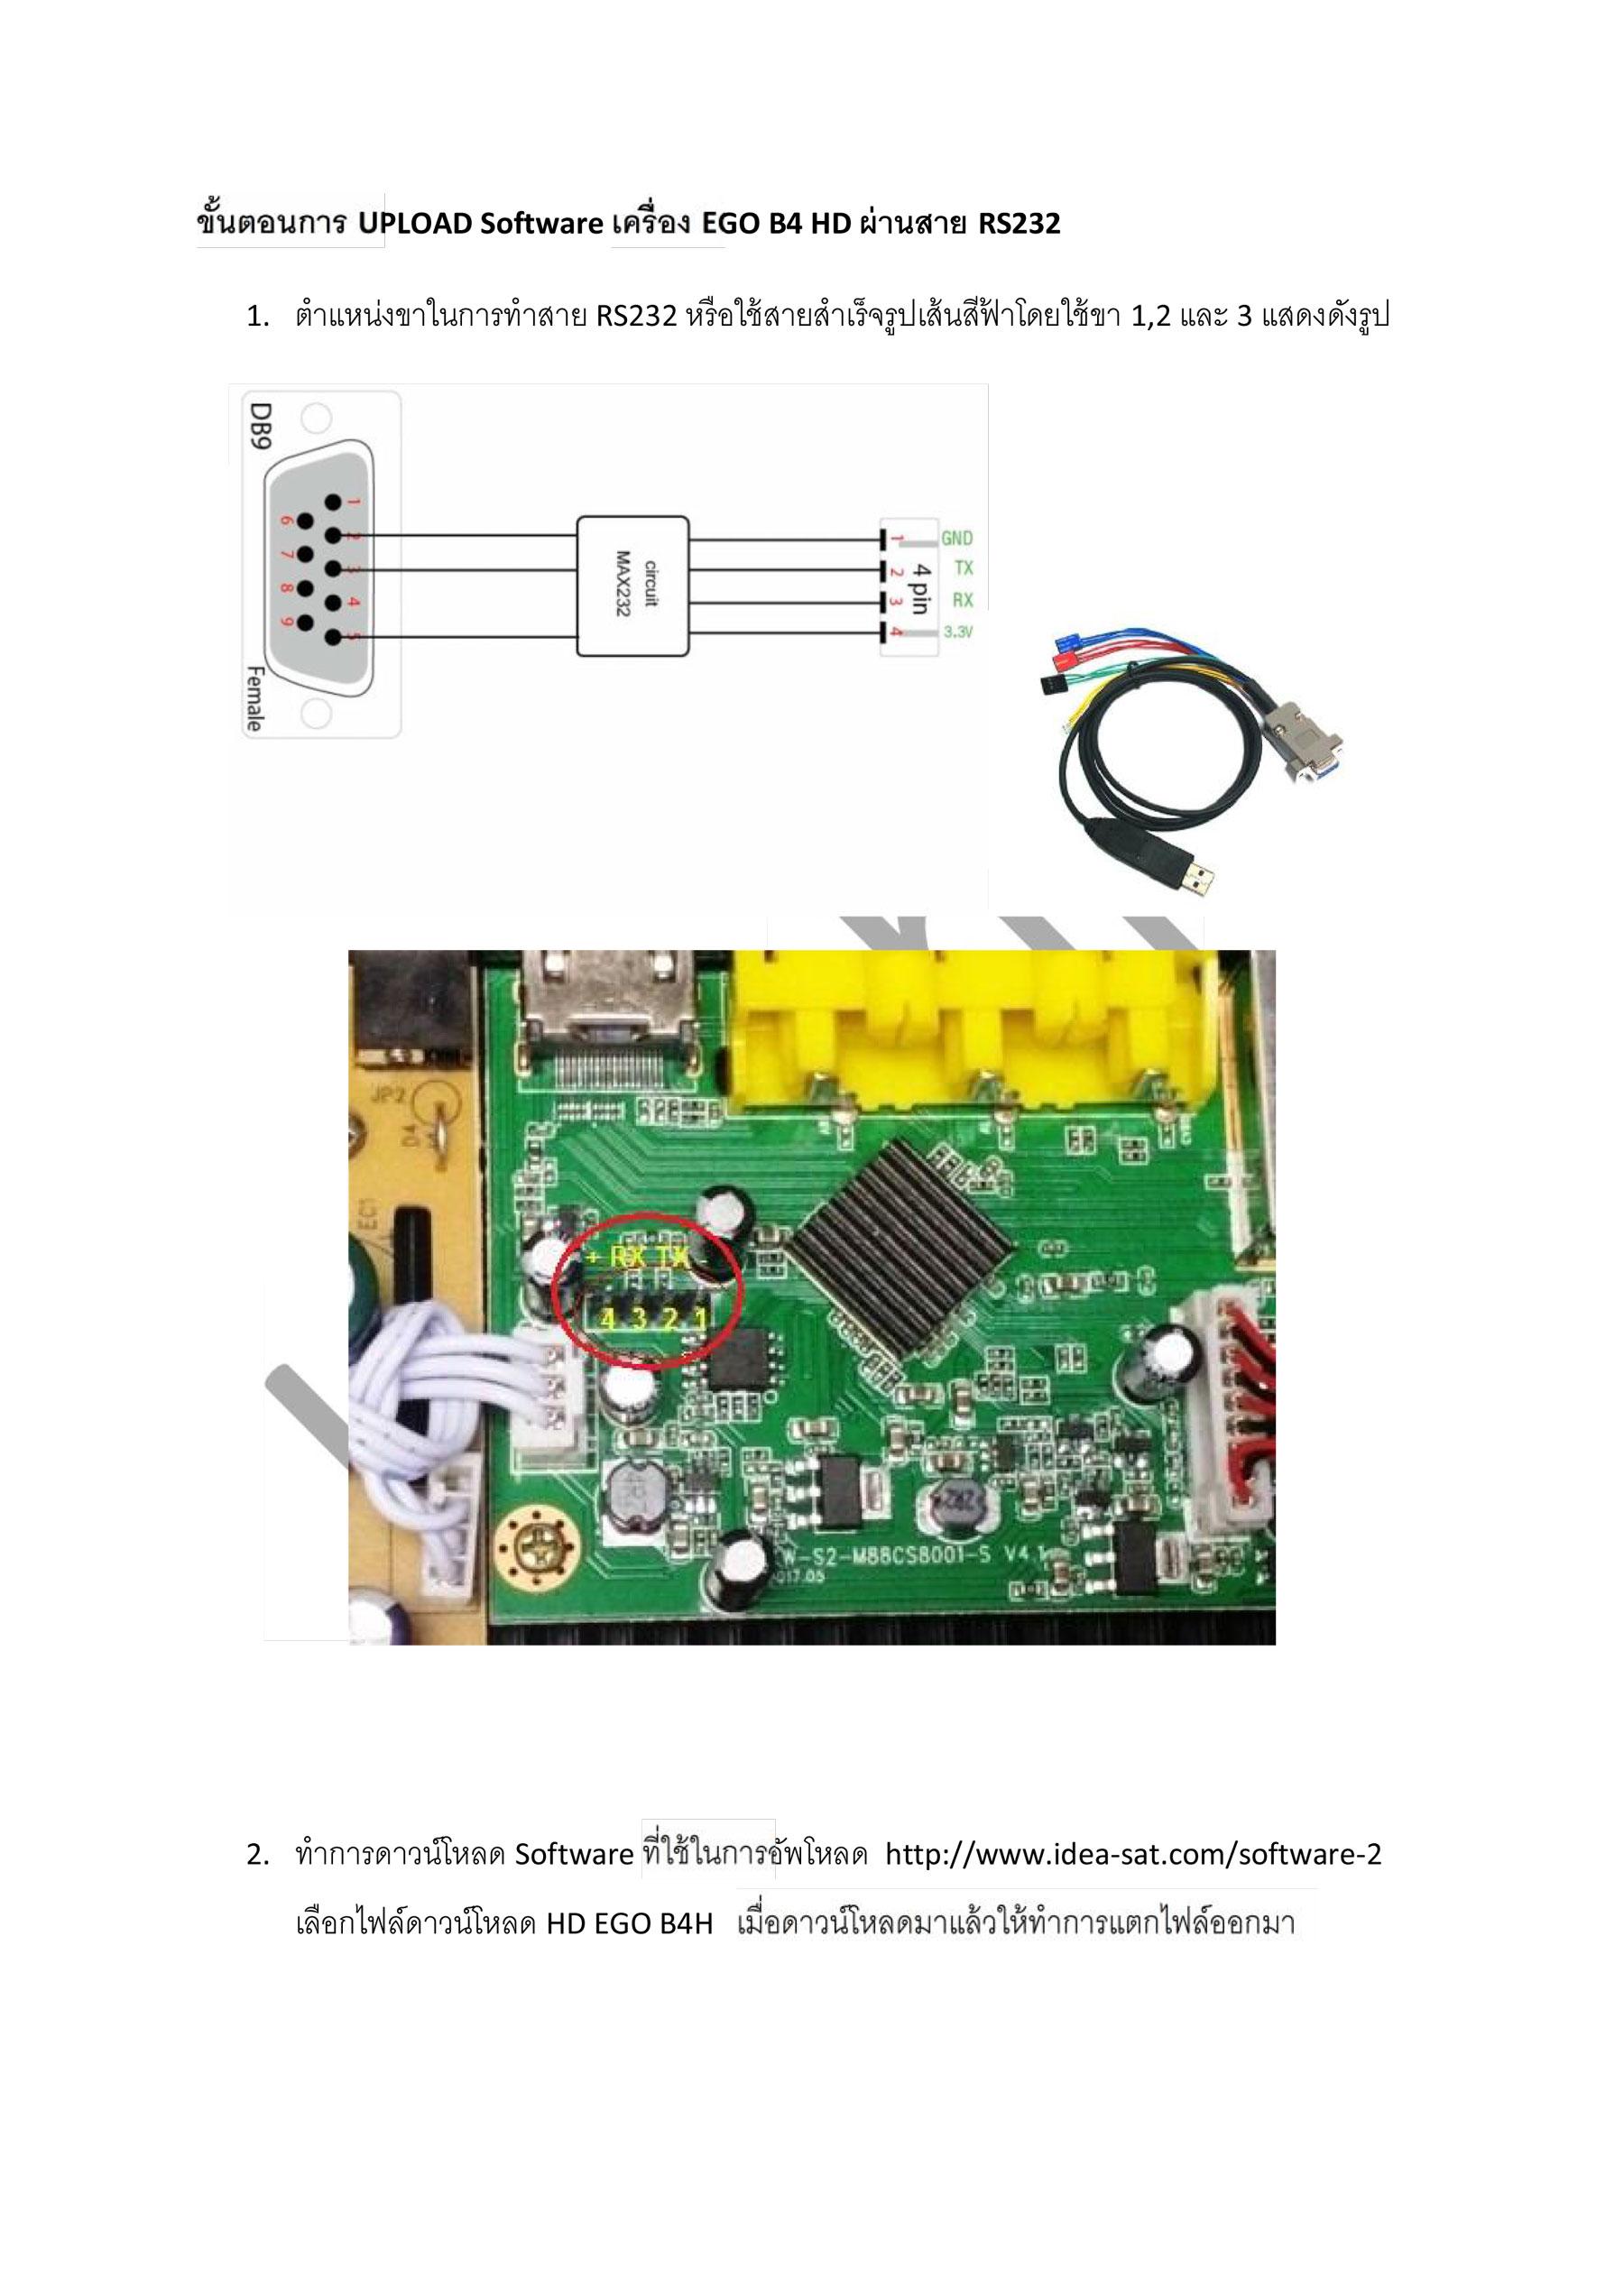 UPLOAD-Software-EGO_B4HD-1